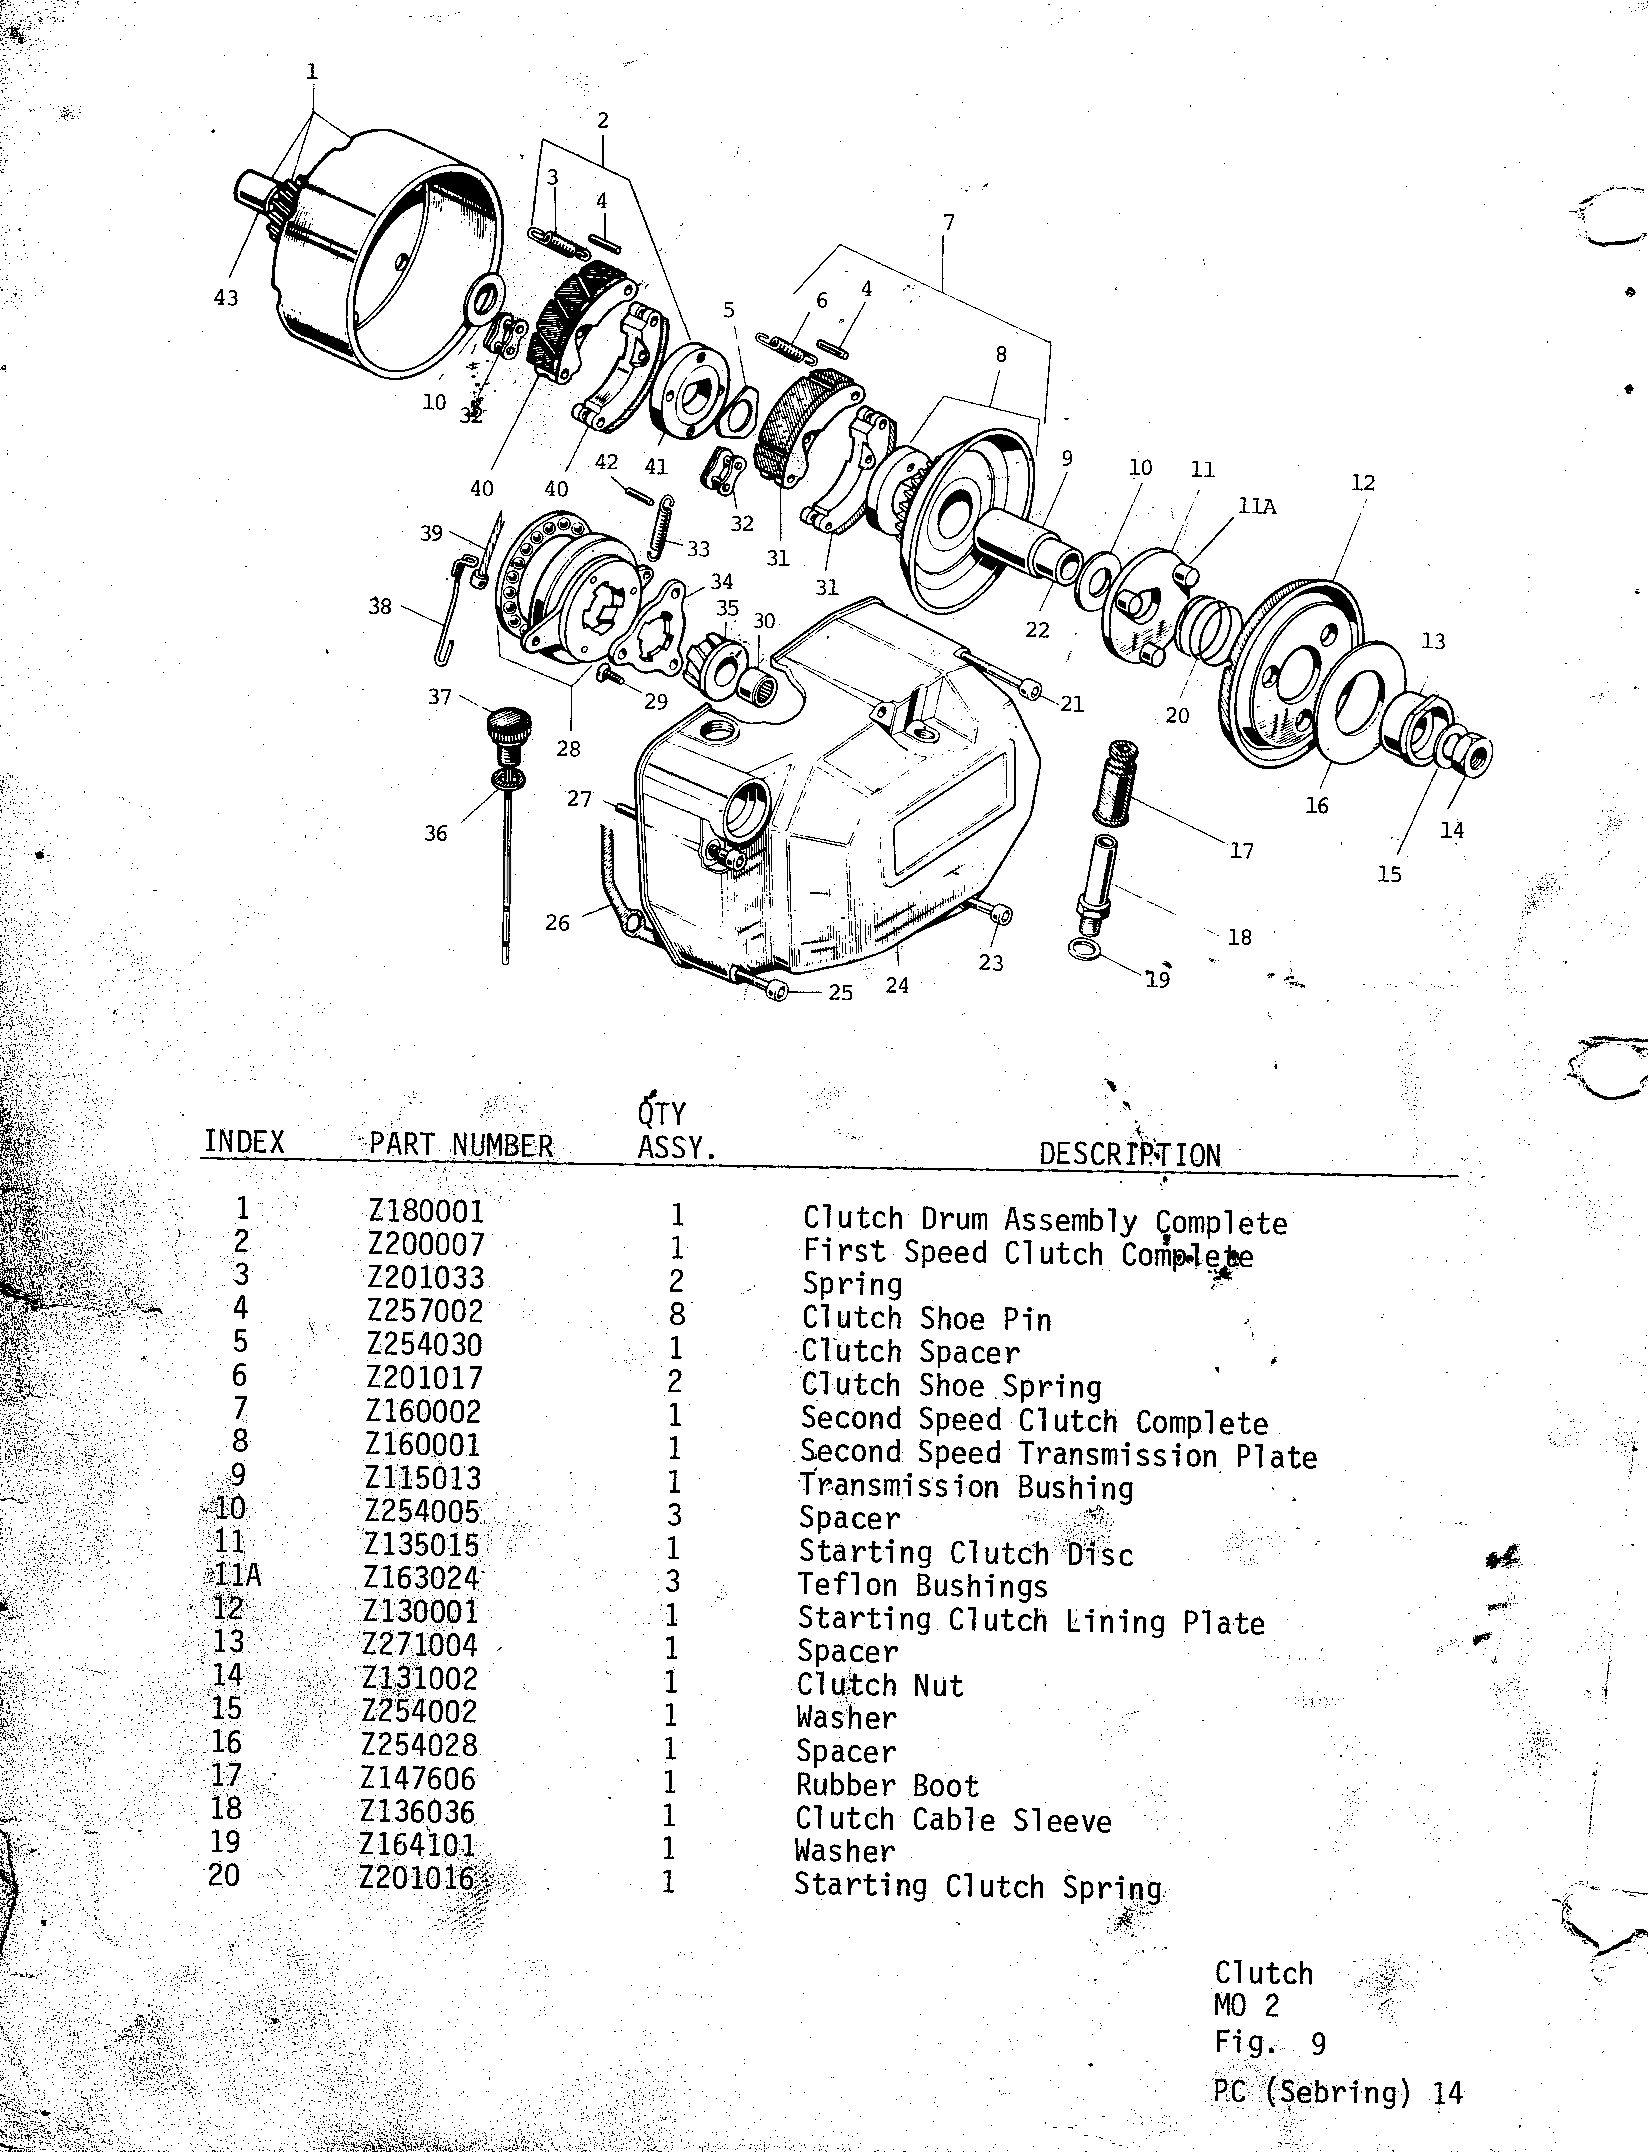 14-CLUTCH M02